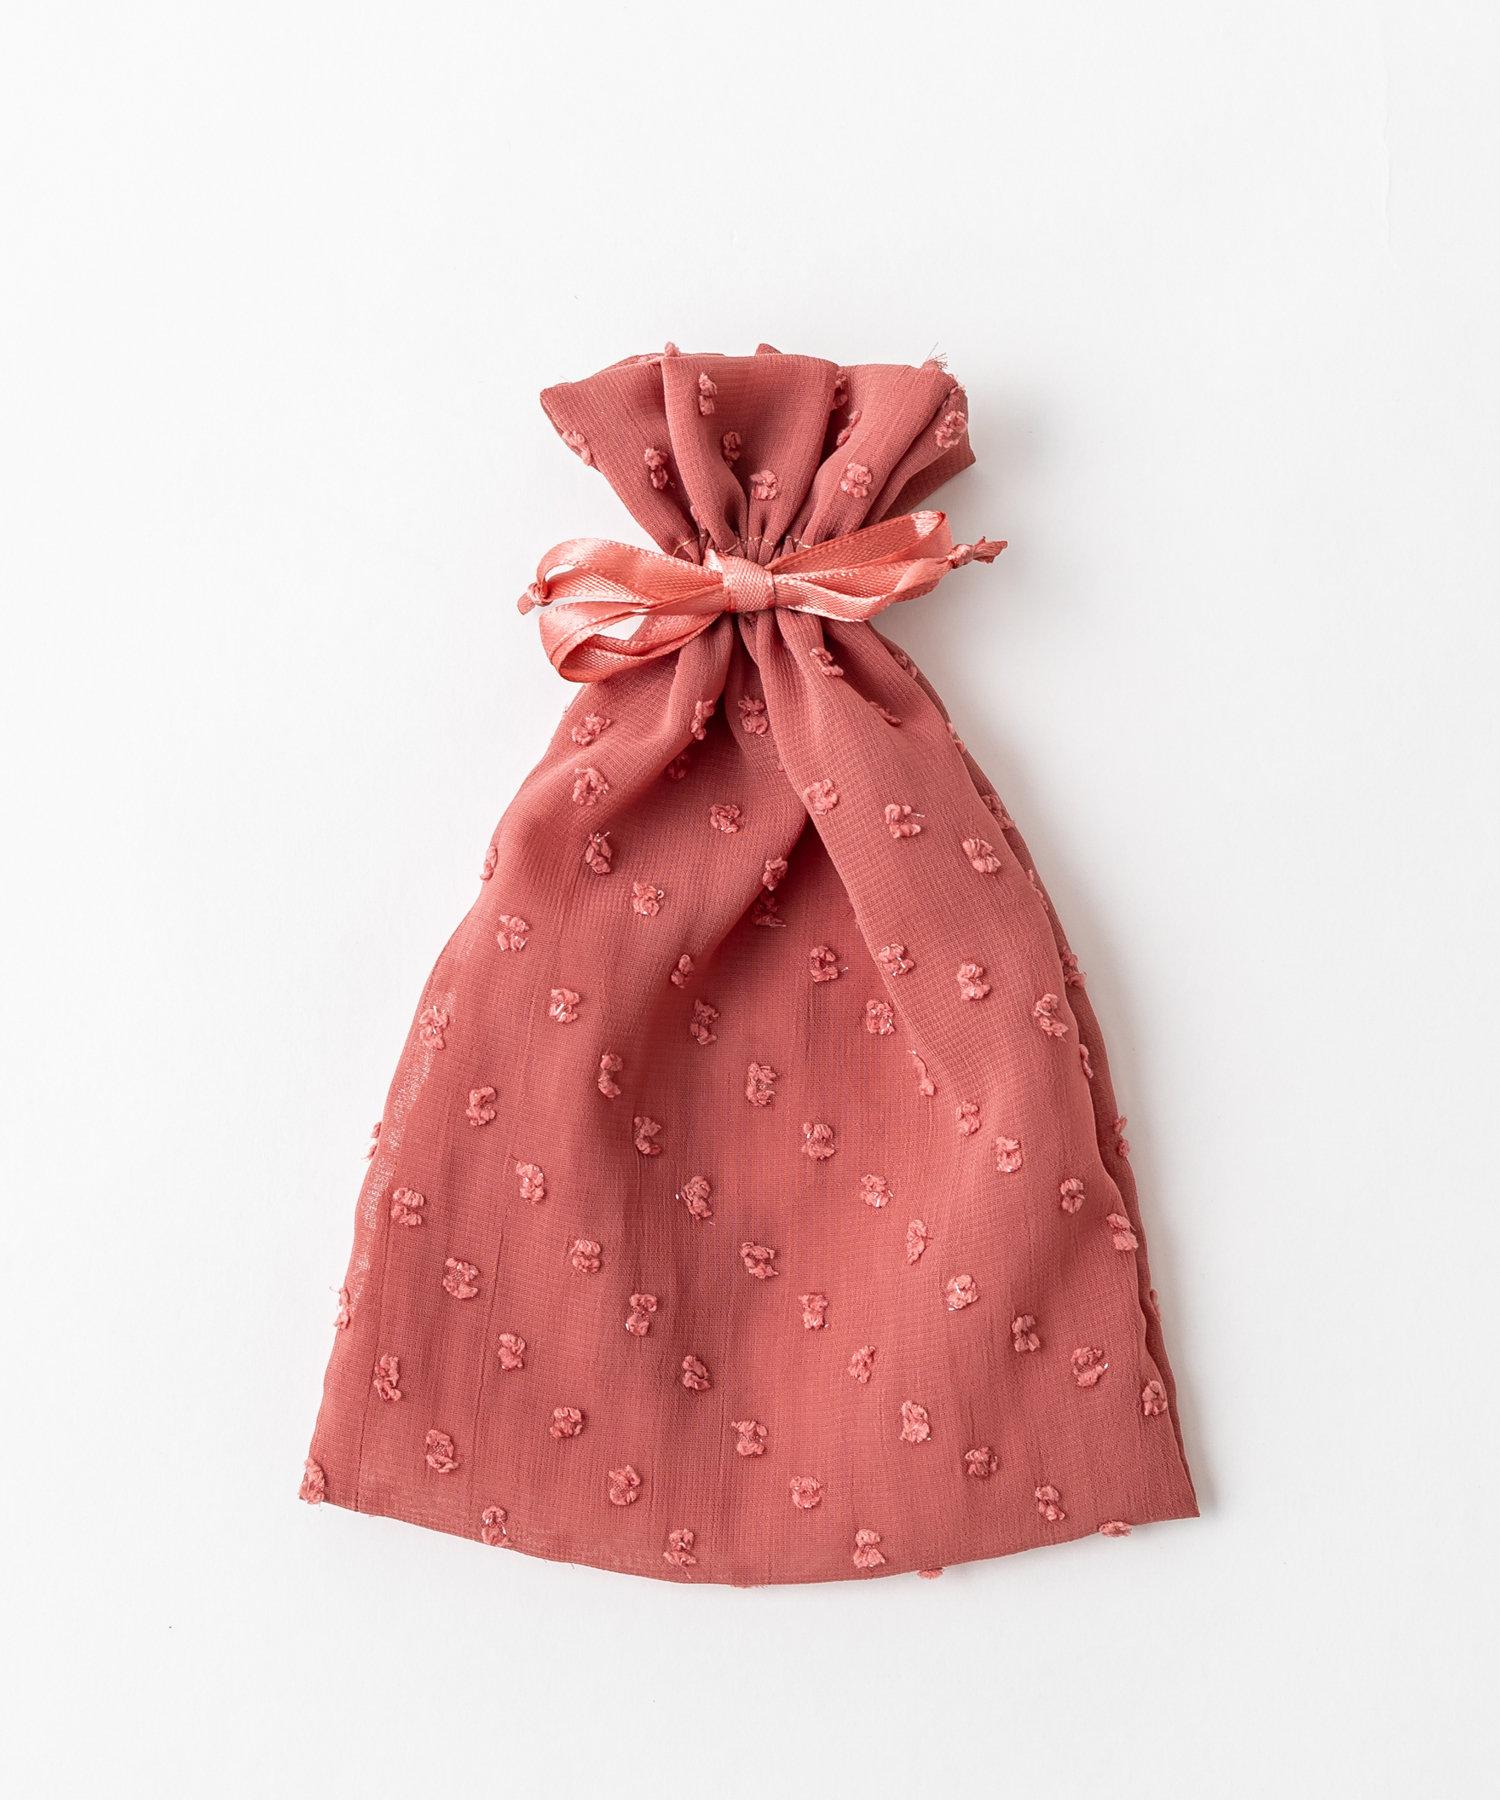 Lattice(ラティス) レディース ドットシフォン巾着ポーチM ピンク